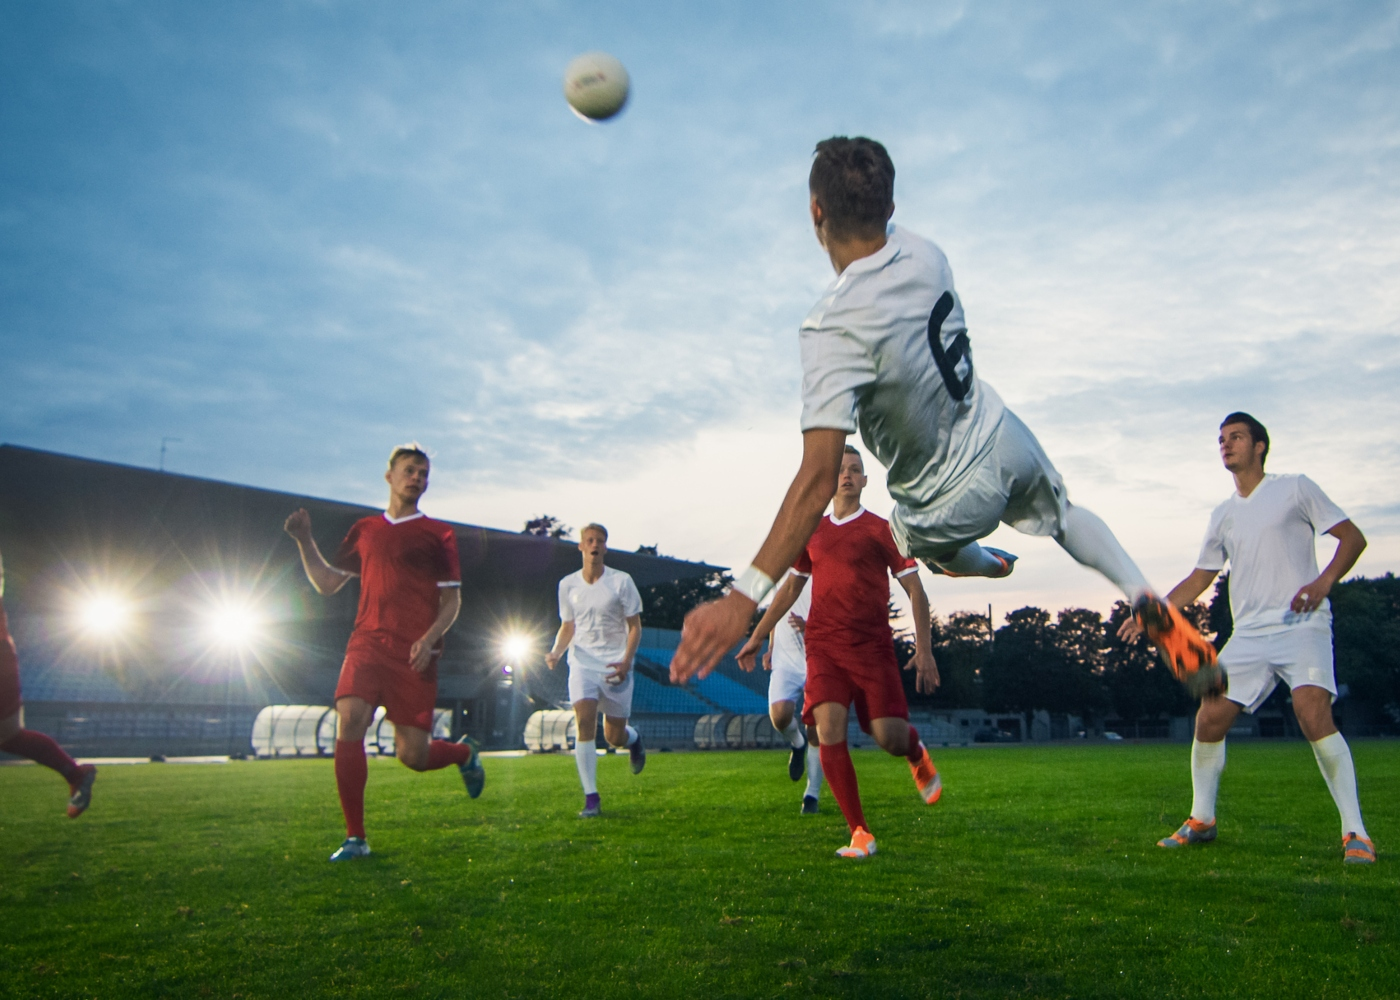 Homens a jogar futebol